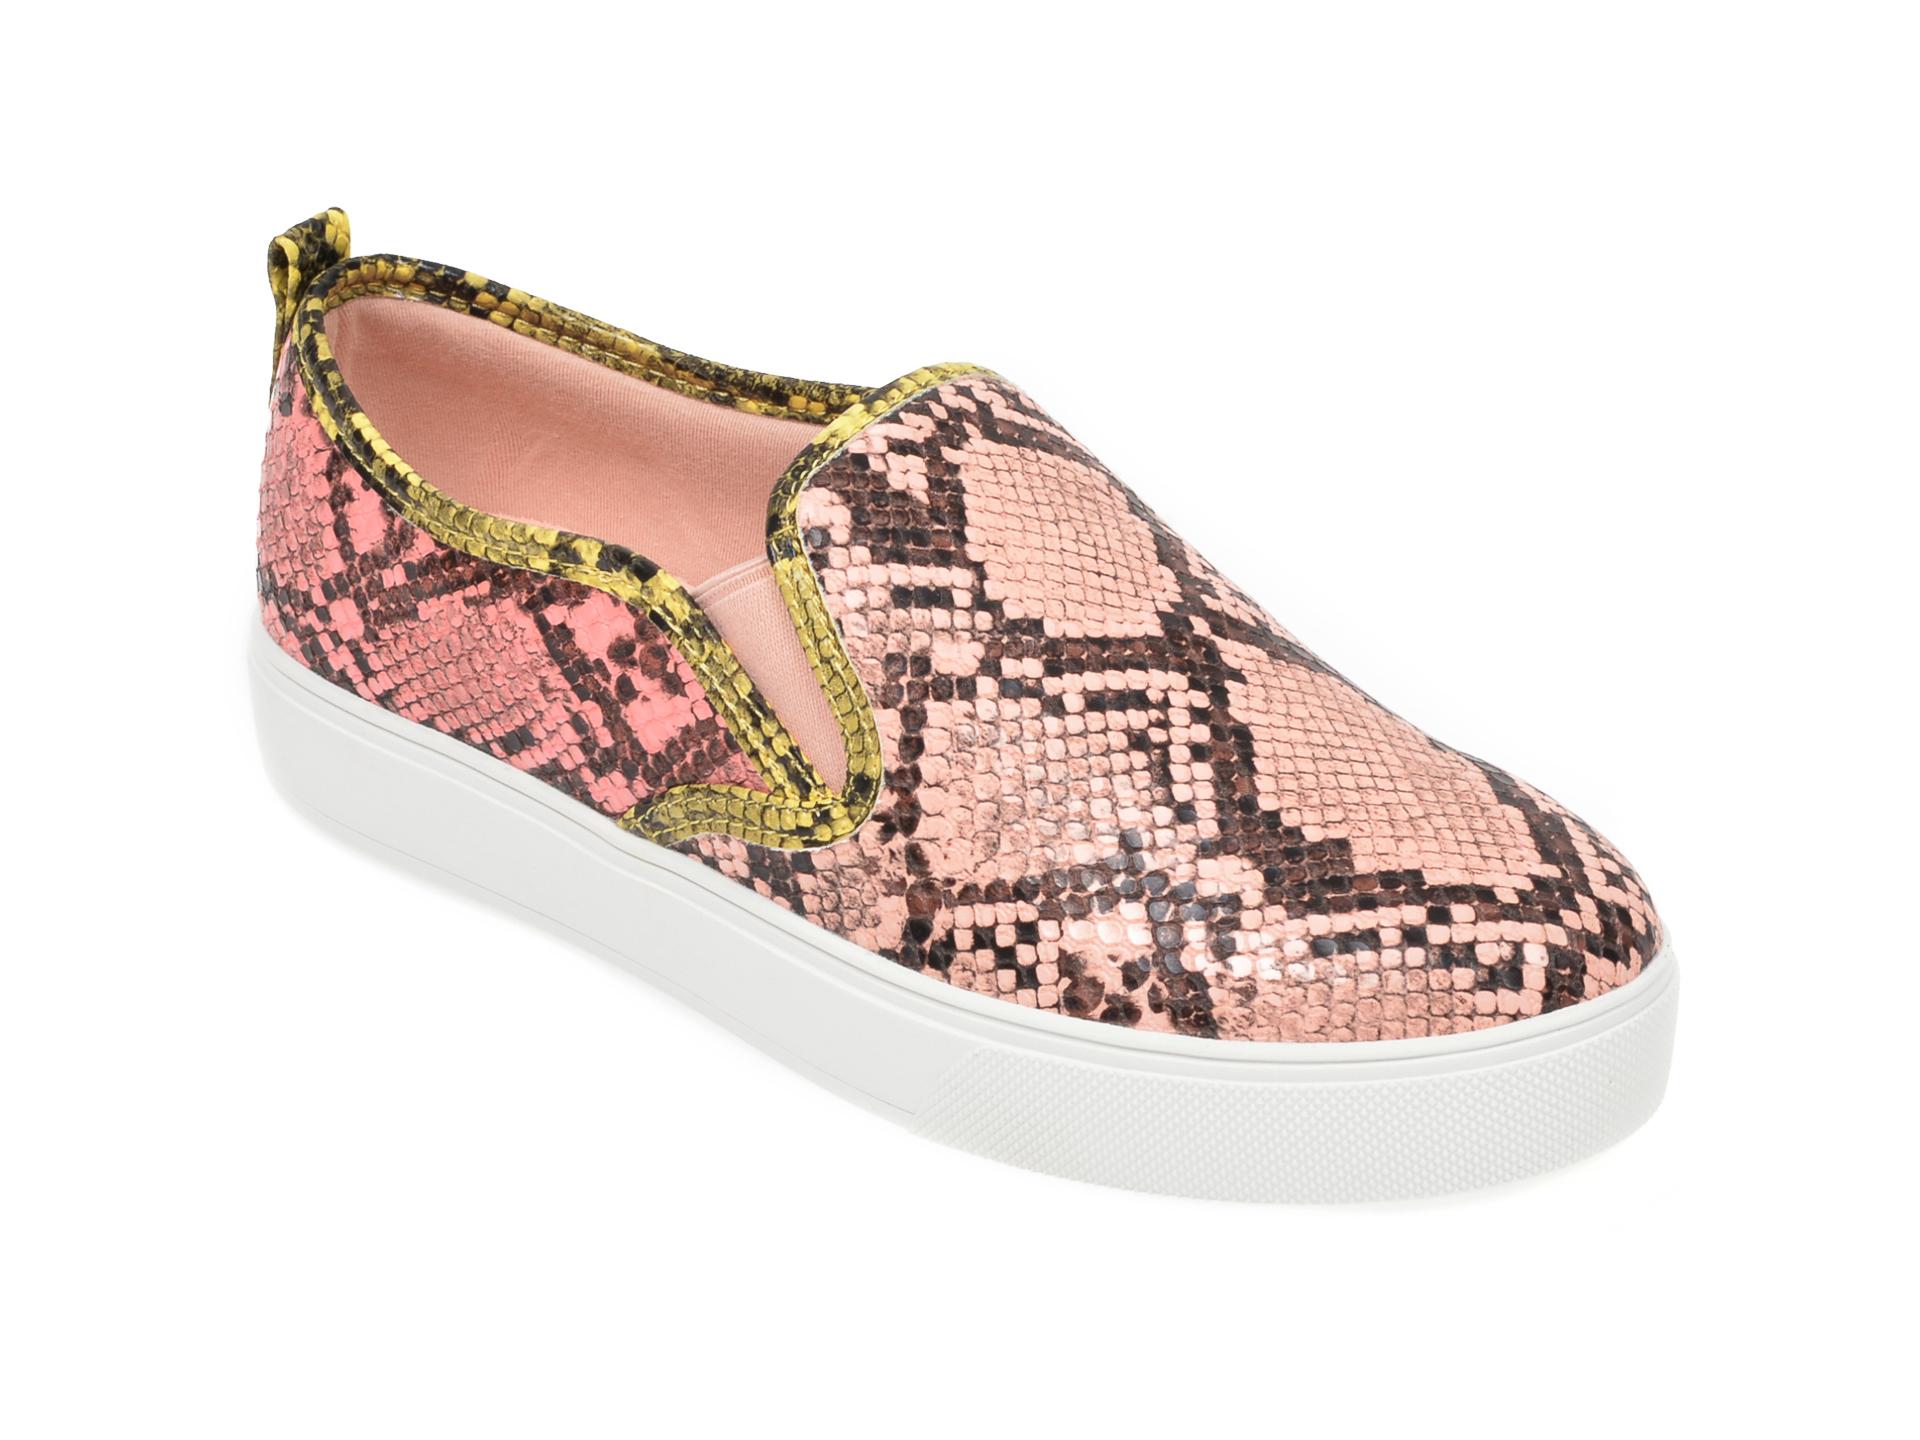 Pantofi ALDO roz, Jille960, din piele ecologica imagine